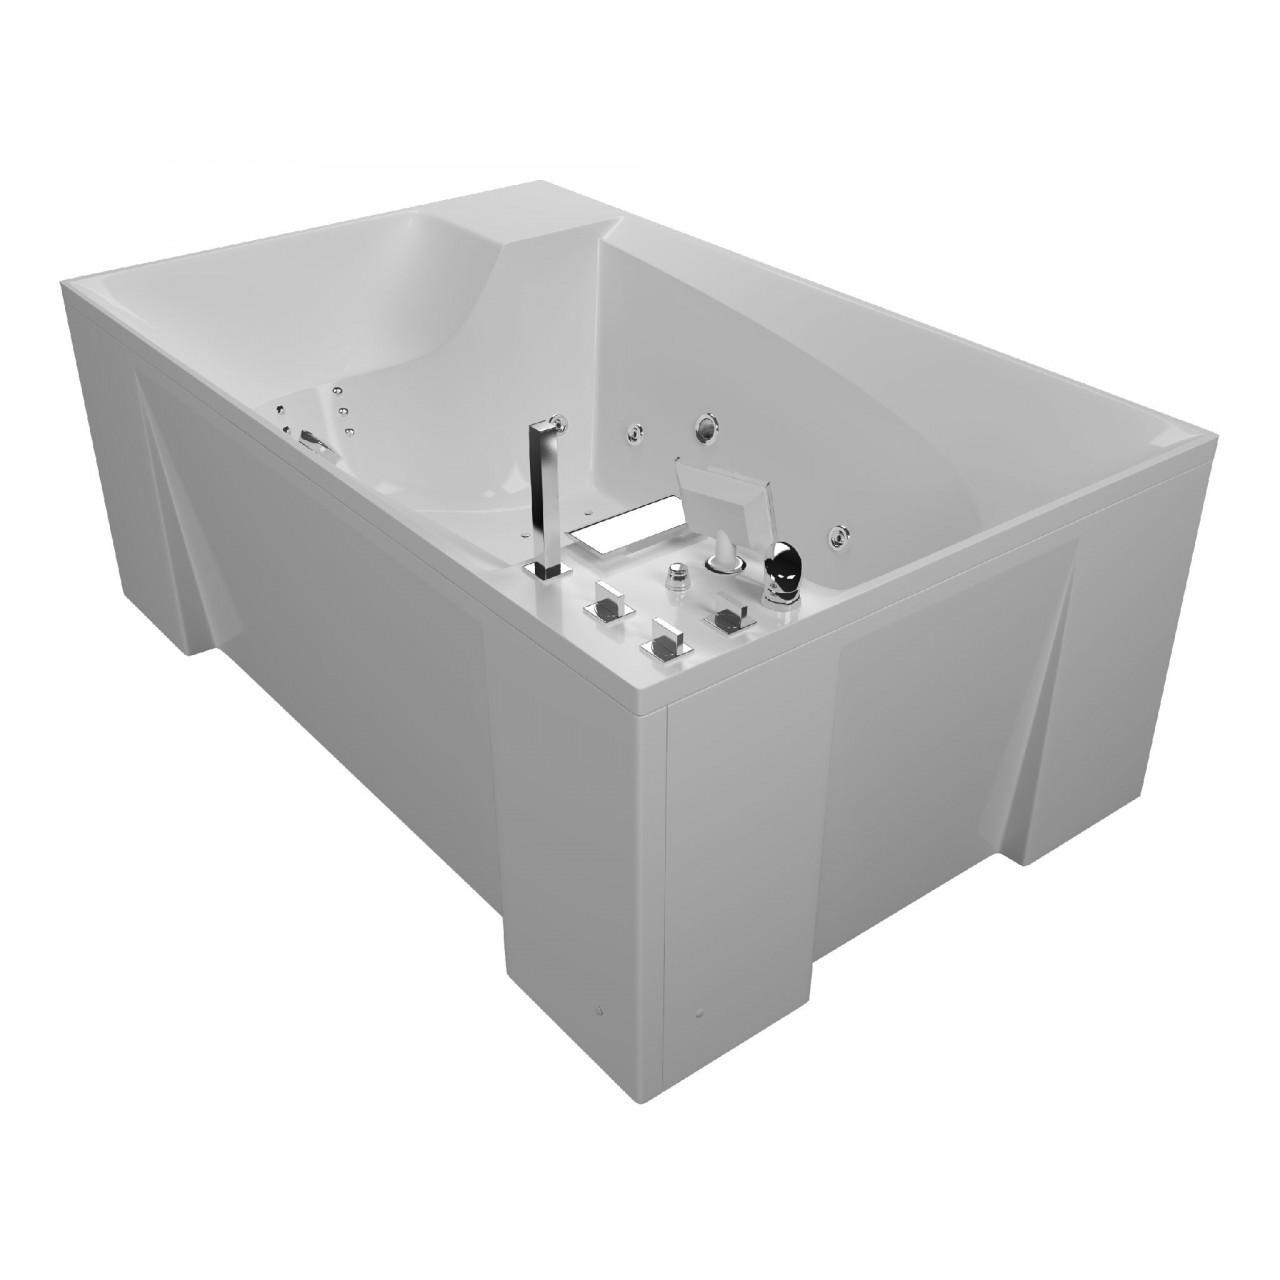 Акриловая ванна Акватика Архитектура Basic 190x120х74 купить в Москве по цене от 72883р. в интернет-магазине mebel-v-vannu.ru